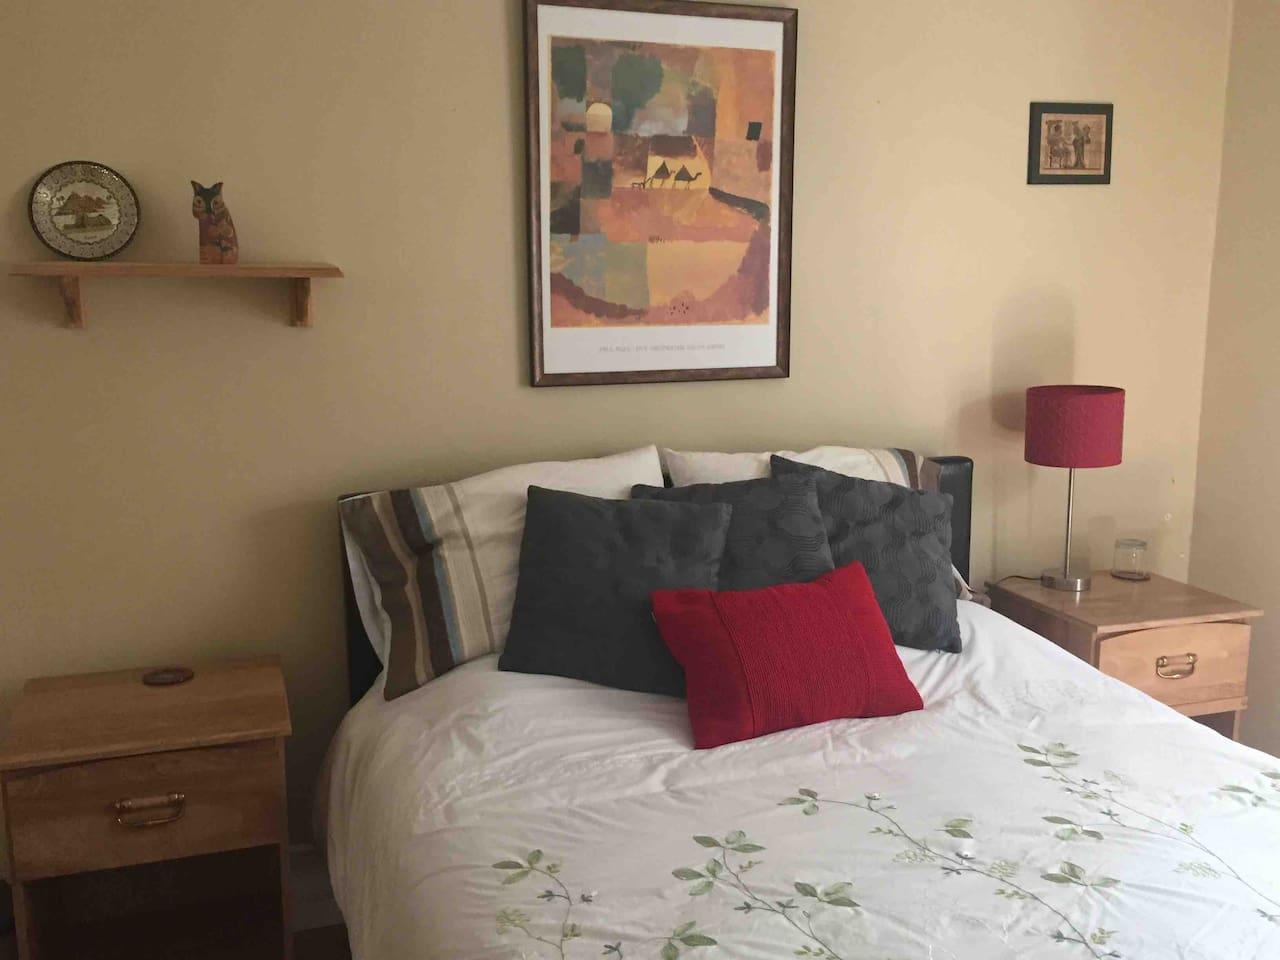 Belle chambre très éclairée, planchers de bois franc.   Grand lit 60 pouces, très confortable (Max. 2 personnes). Repos et détente assurés, venez faire l'expérience! Au cœur de Québec.